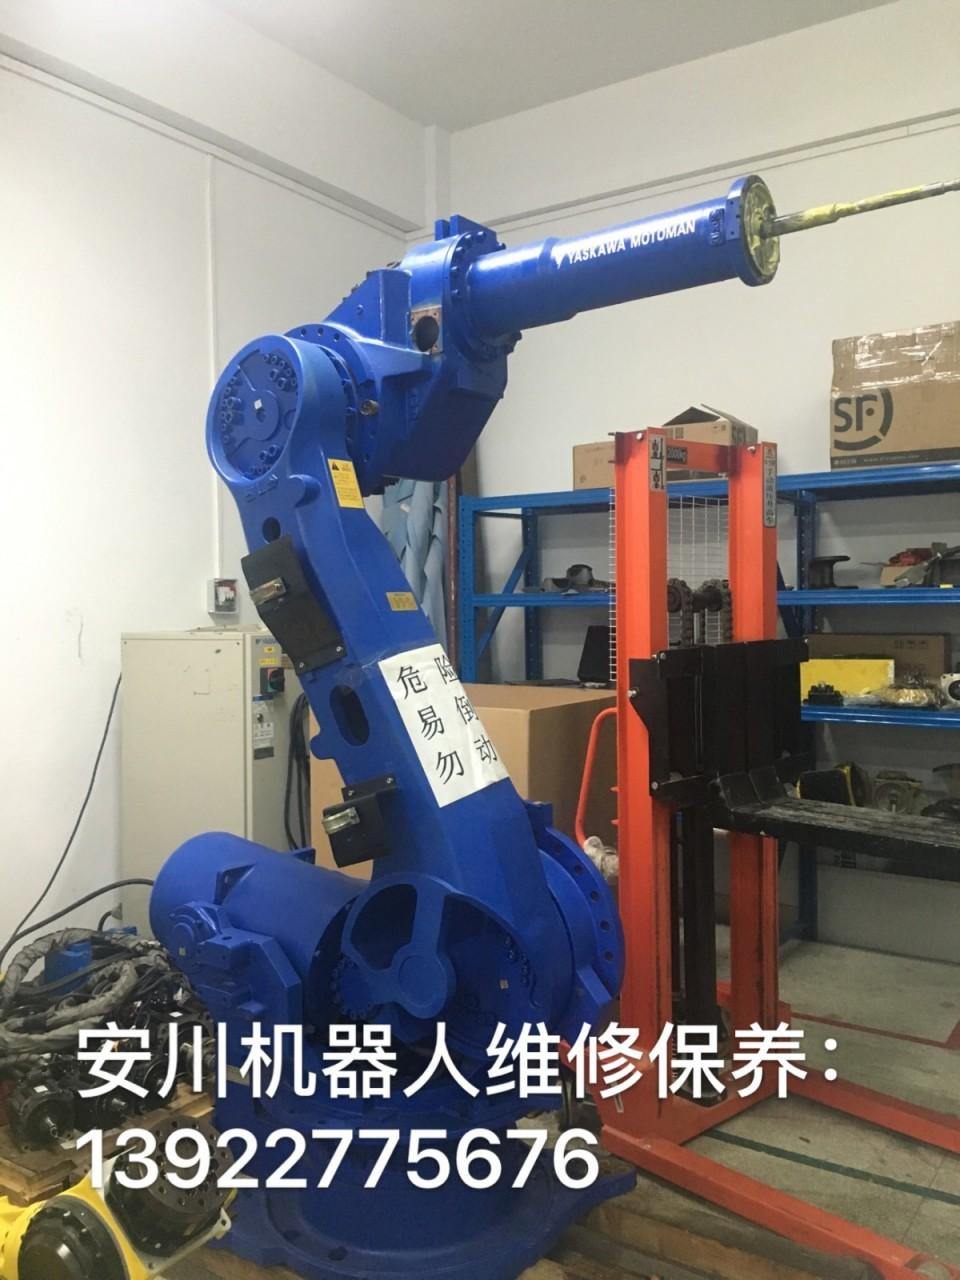 现货安川SRDA-COA30A01A-E整流器,安川MS80W机器人配件